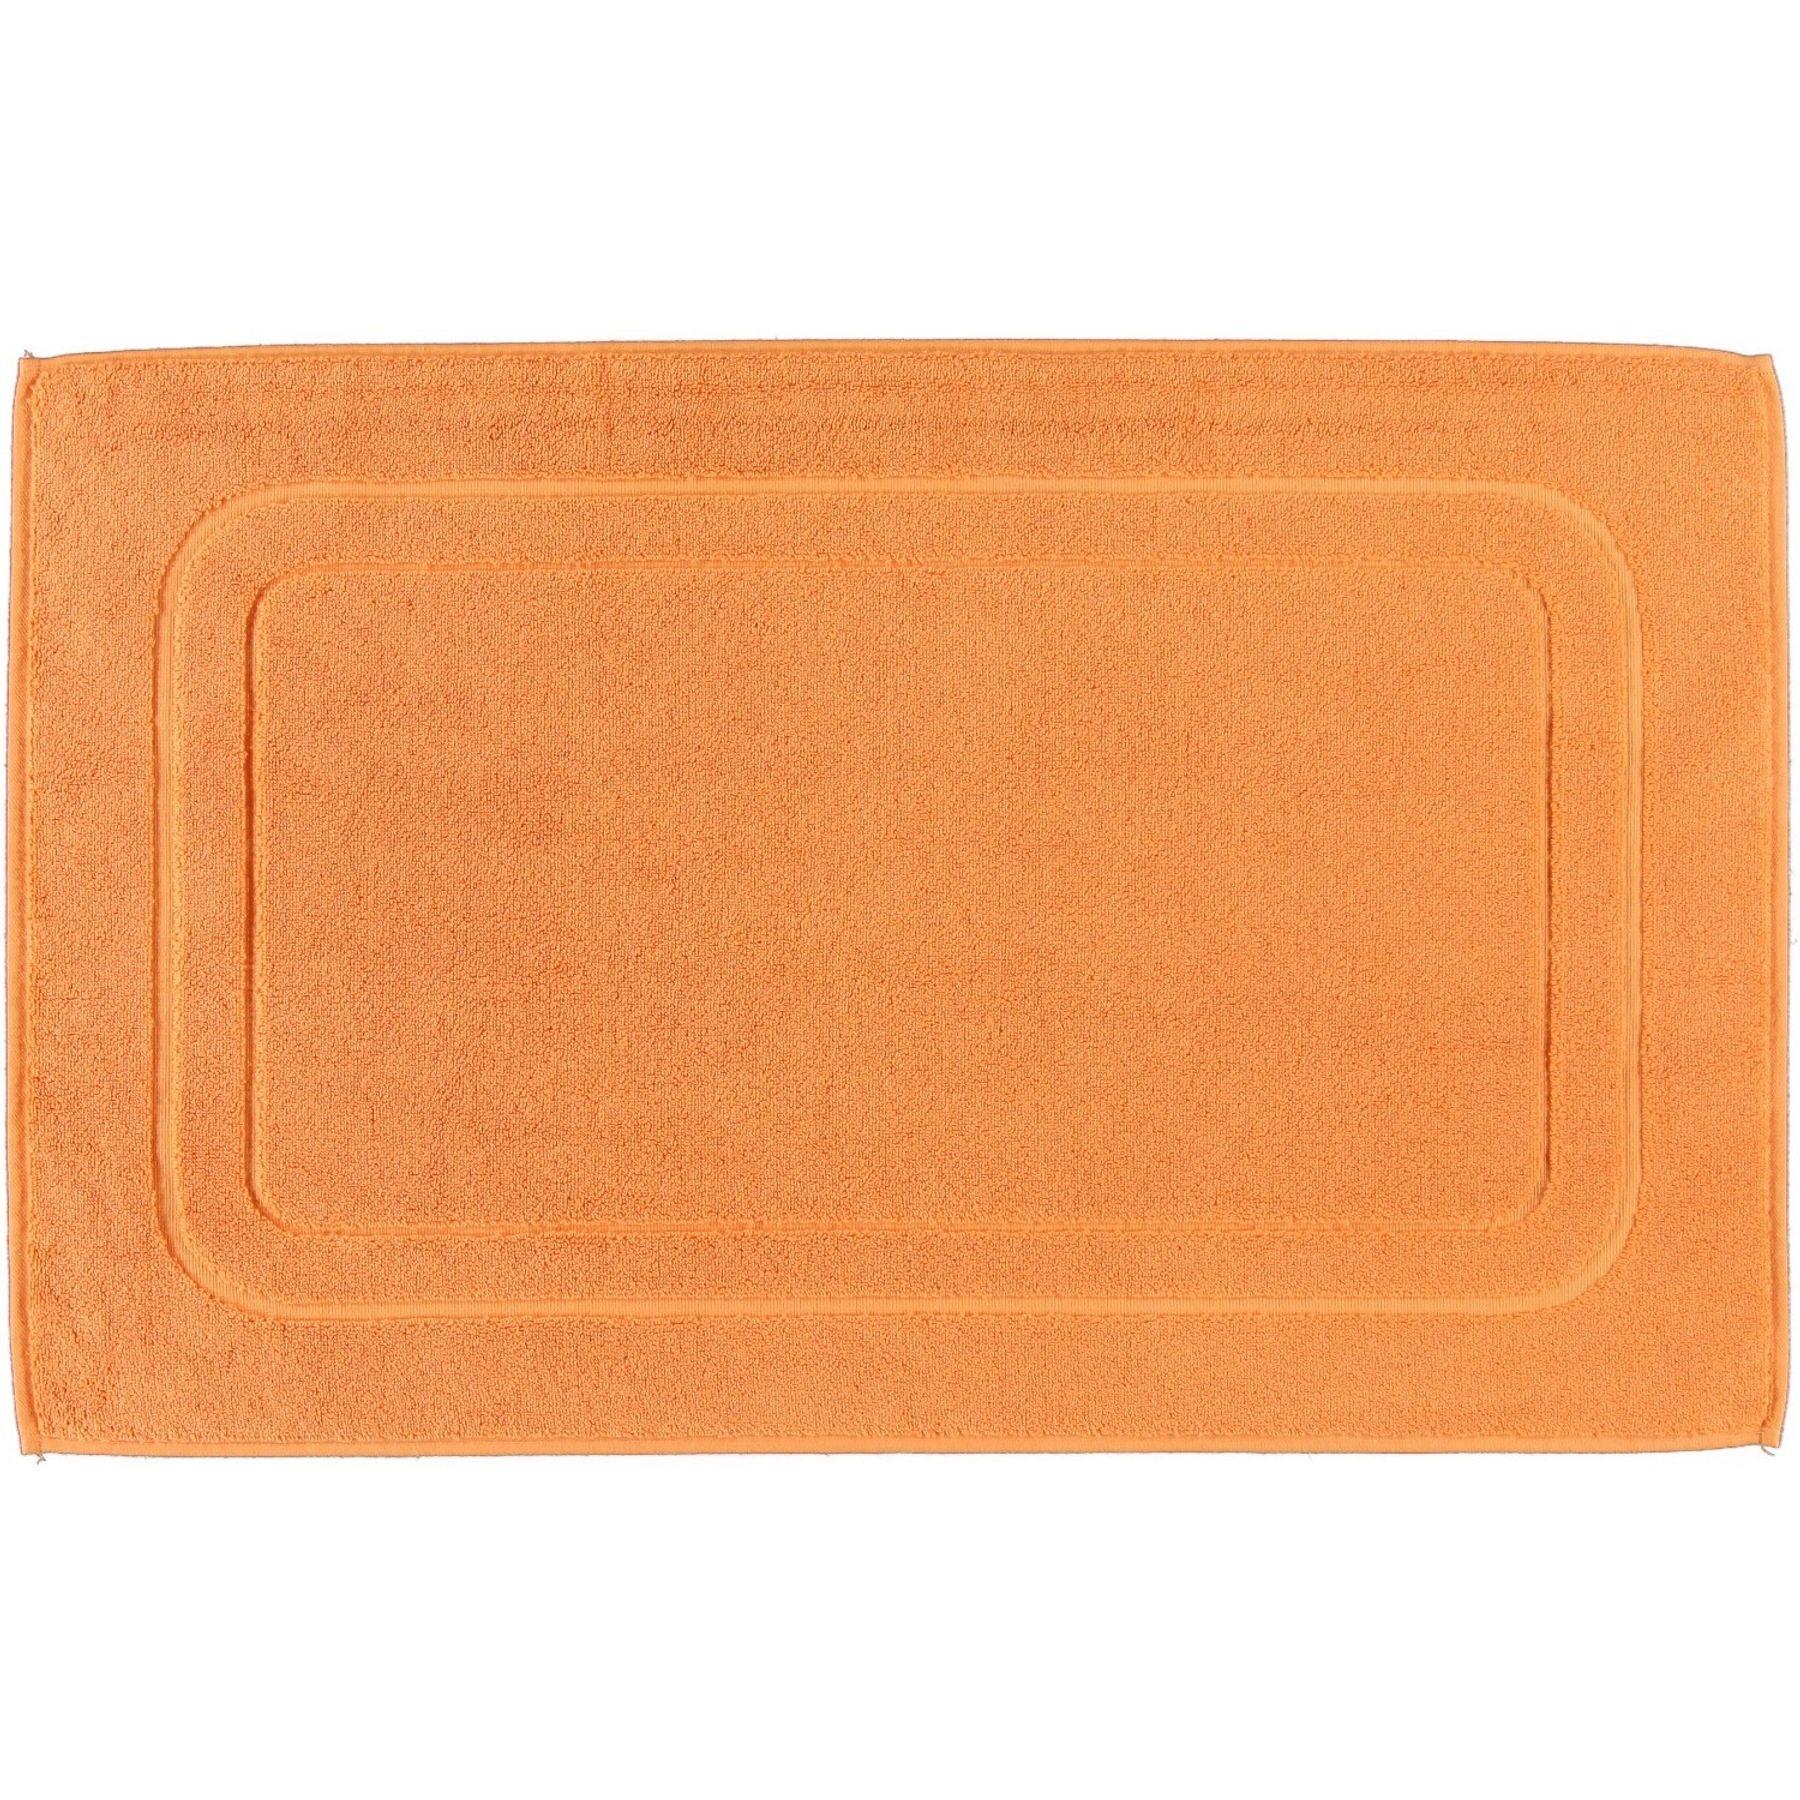 Cawö - Badteppich in verschiedenen Farben (Größe: 50x80 cm) im Doppelpack (201) – Bild 9